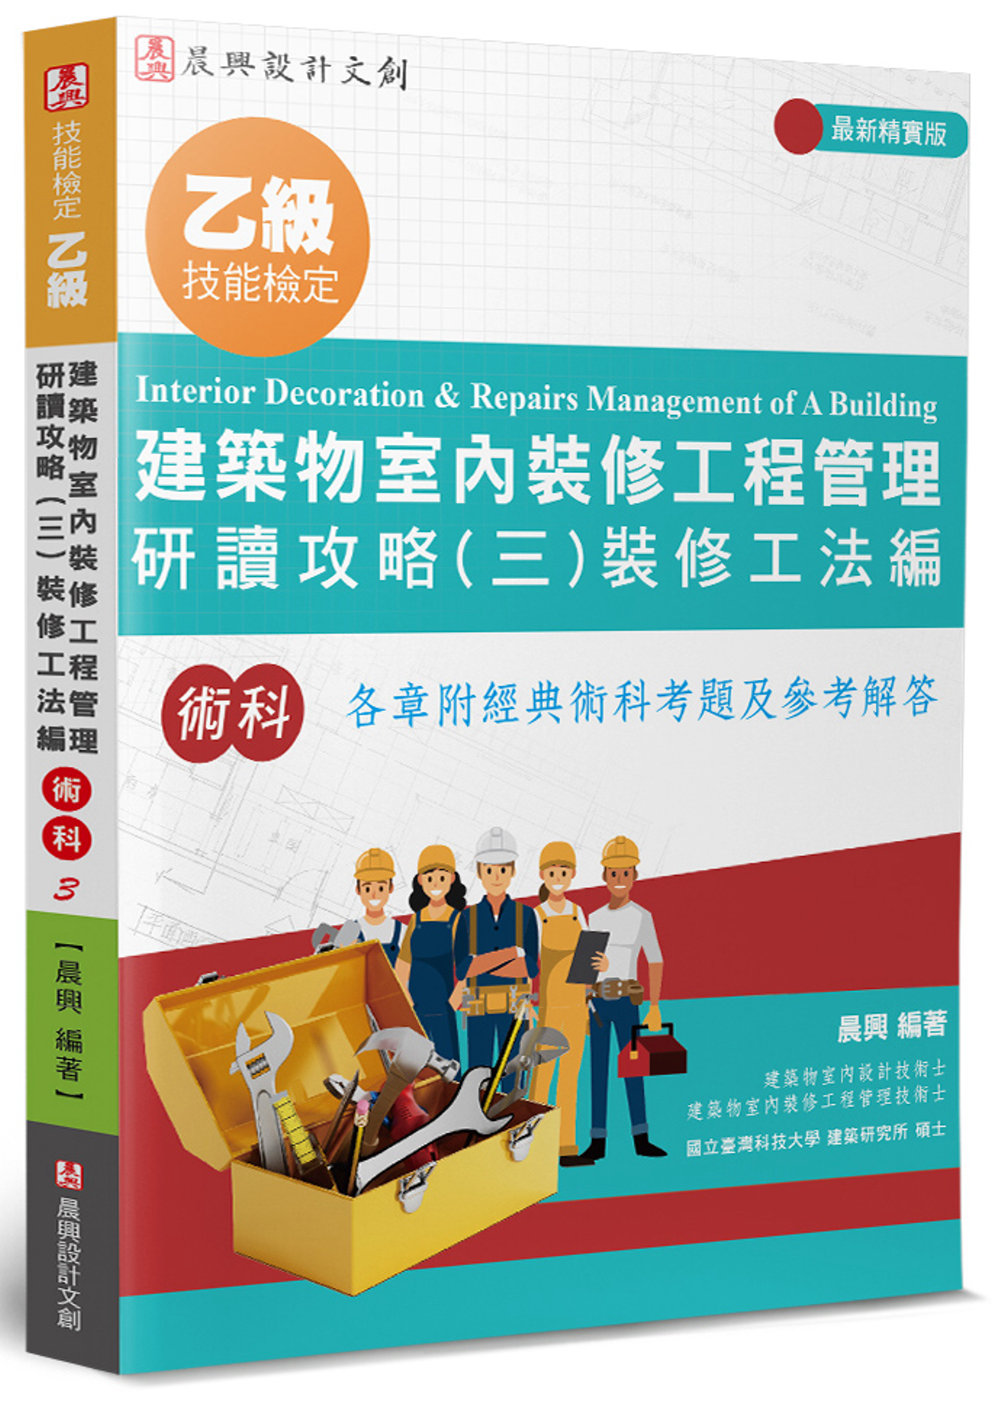 乙級建築物室內裝修工程管理研讀...